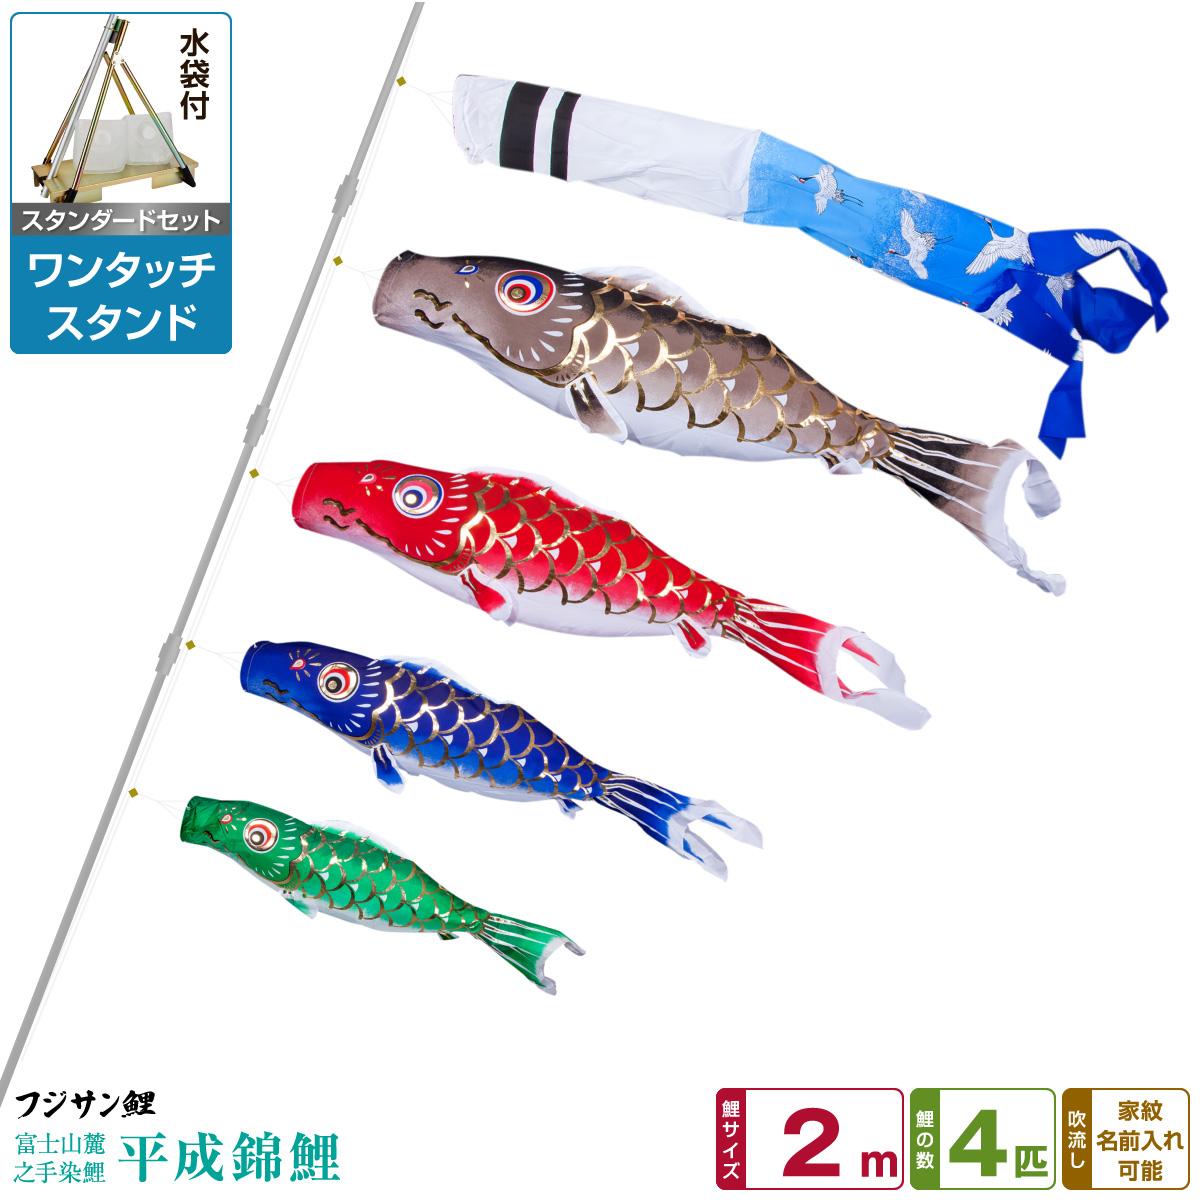 ベランダ用 こいのぼり 鯉のぼり フジサン鯉 平成錦鯉 2m 7点(吹流し+鯉4匹+矢車+ロープ)/スタンダードセット(ワンタッチスタンド)